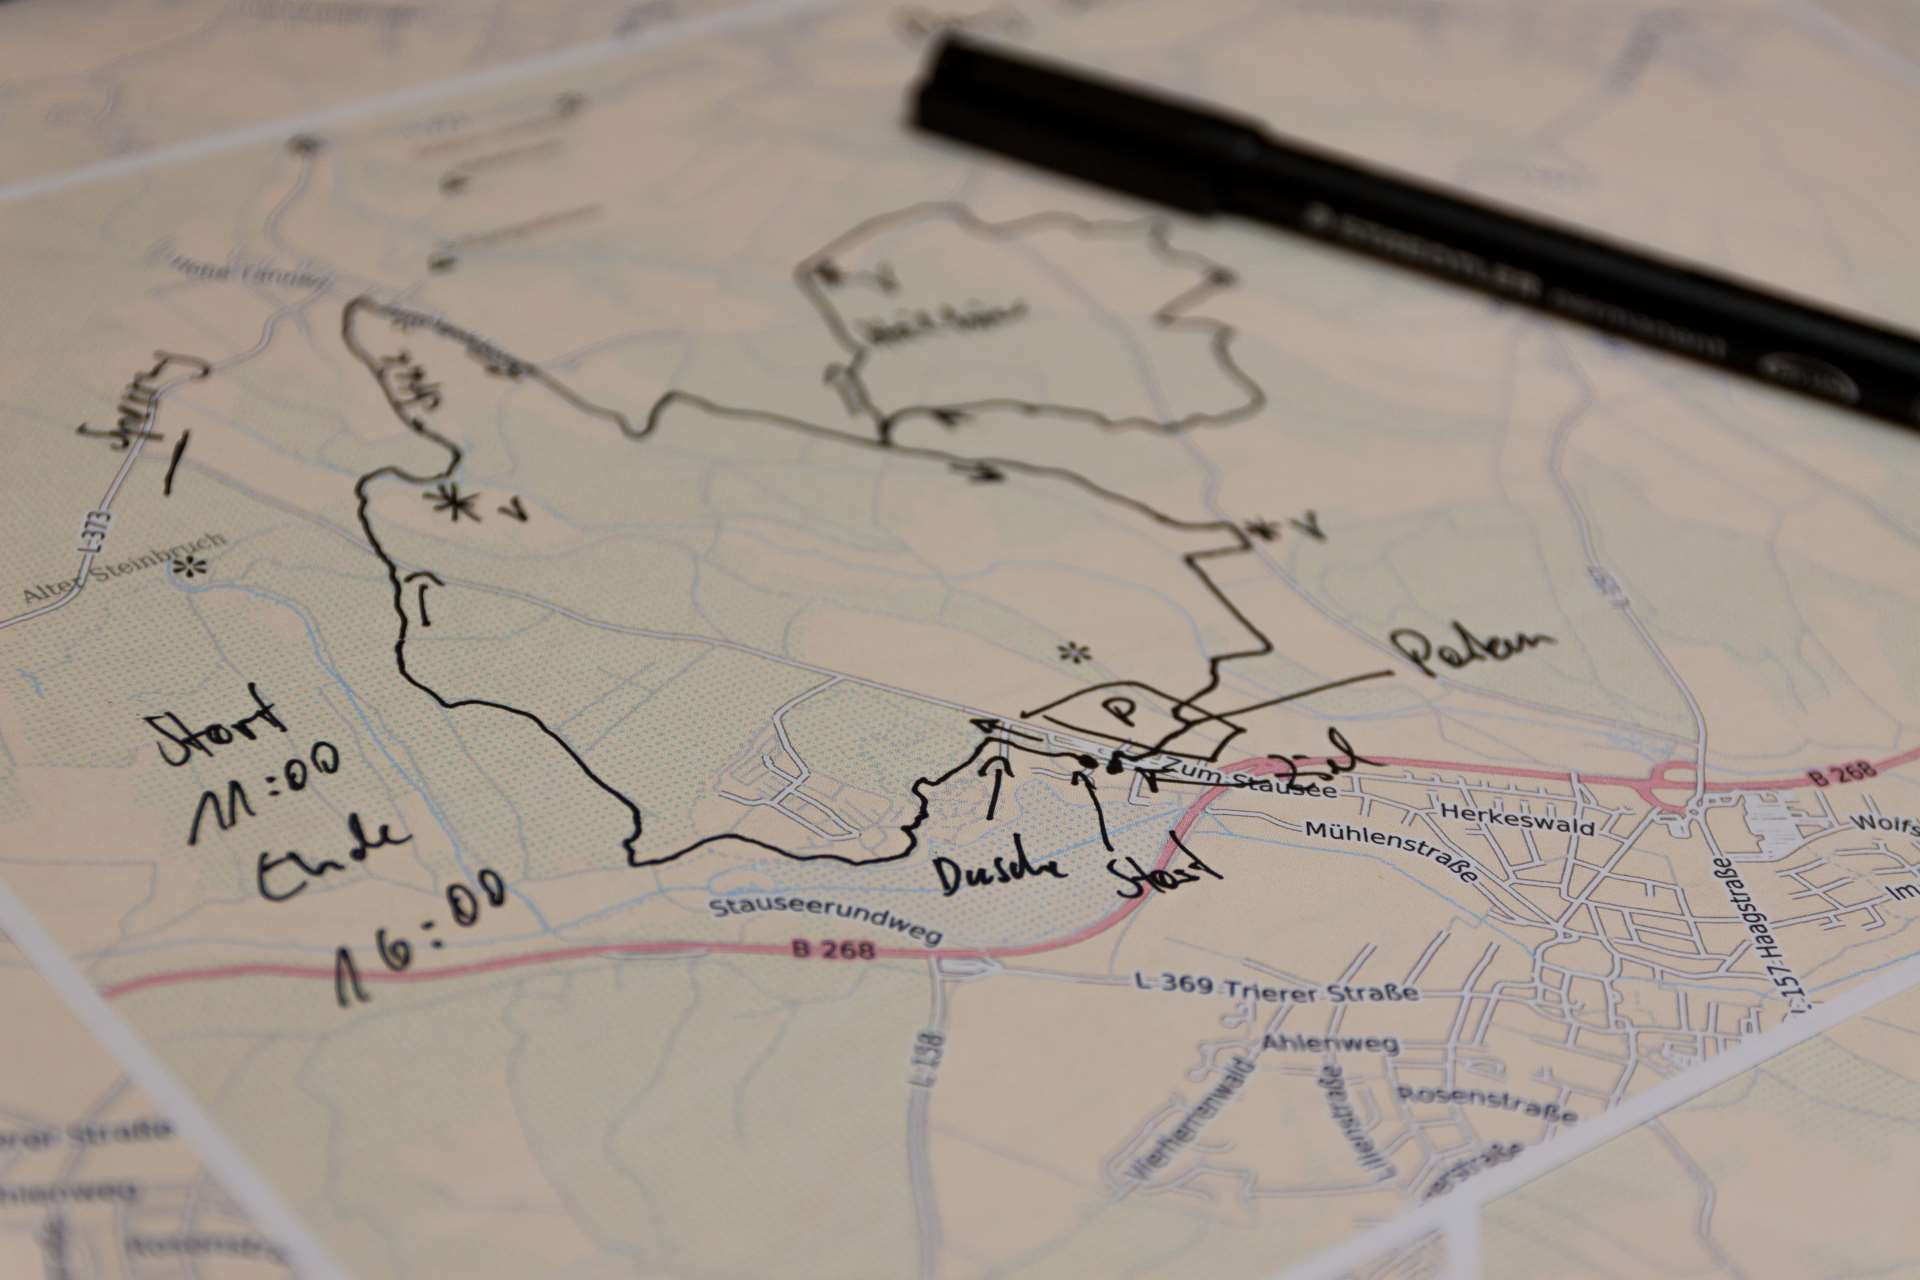 Planung interaktives Sportevent-Karte